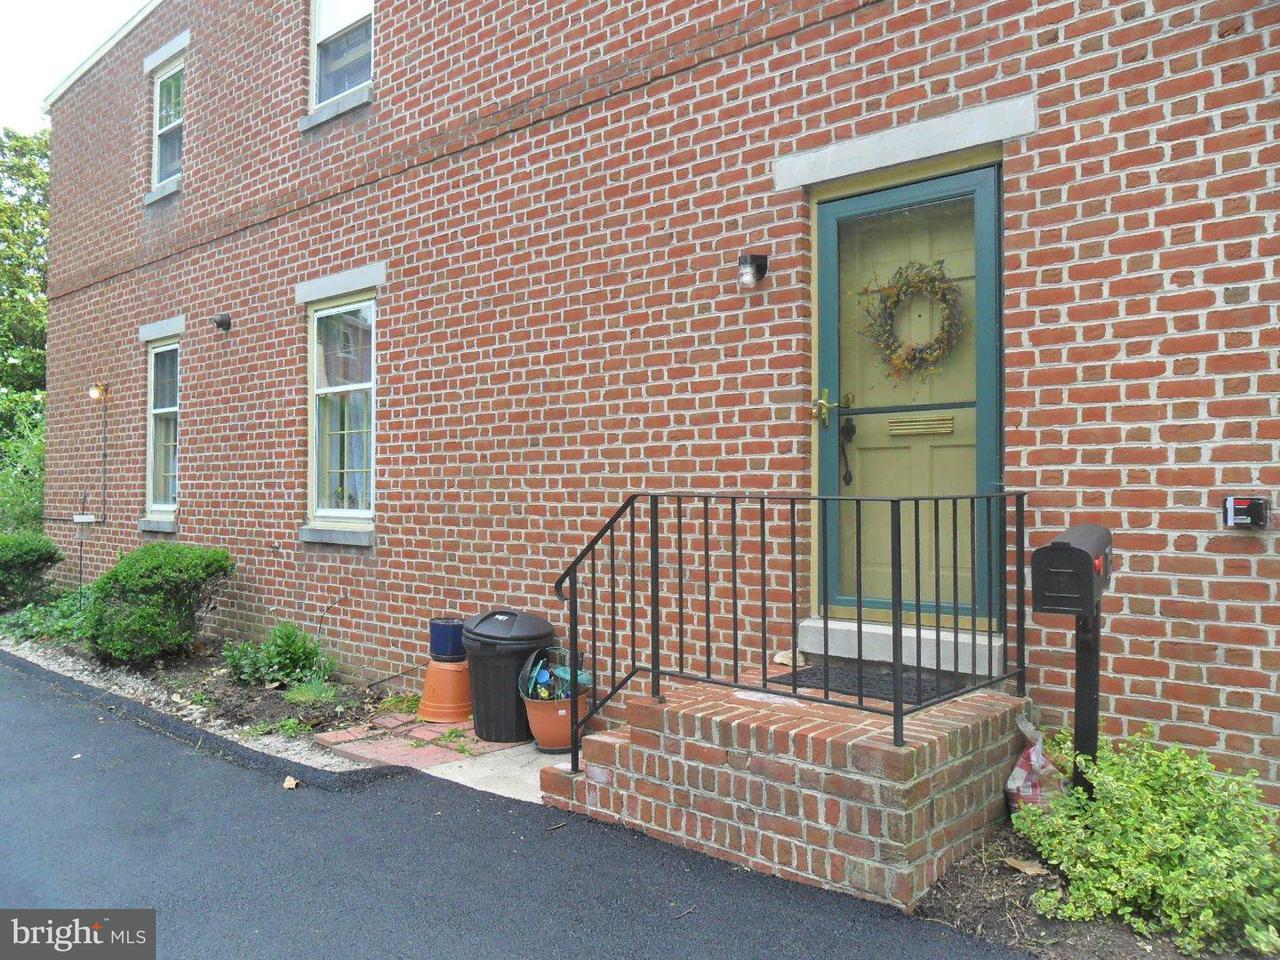 Casa Unifamiliar por un Alquiler en 113 W 4TH Street New Castle, Delaware 19720 Estados Unidos